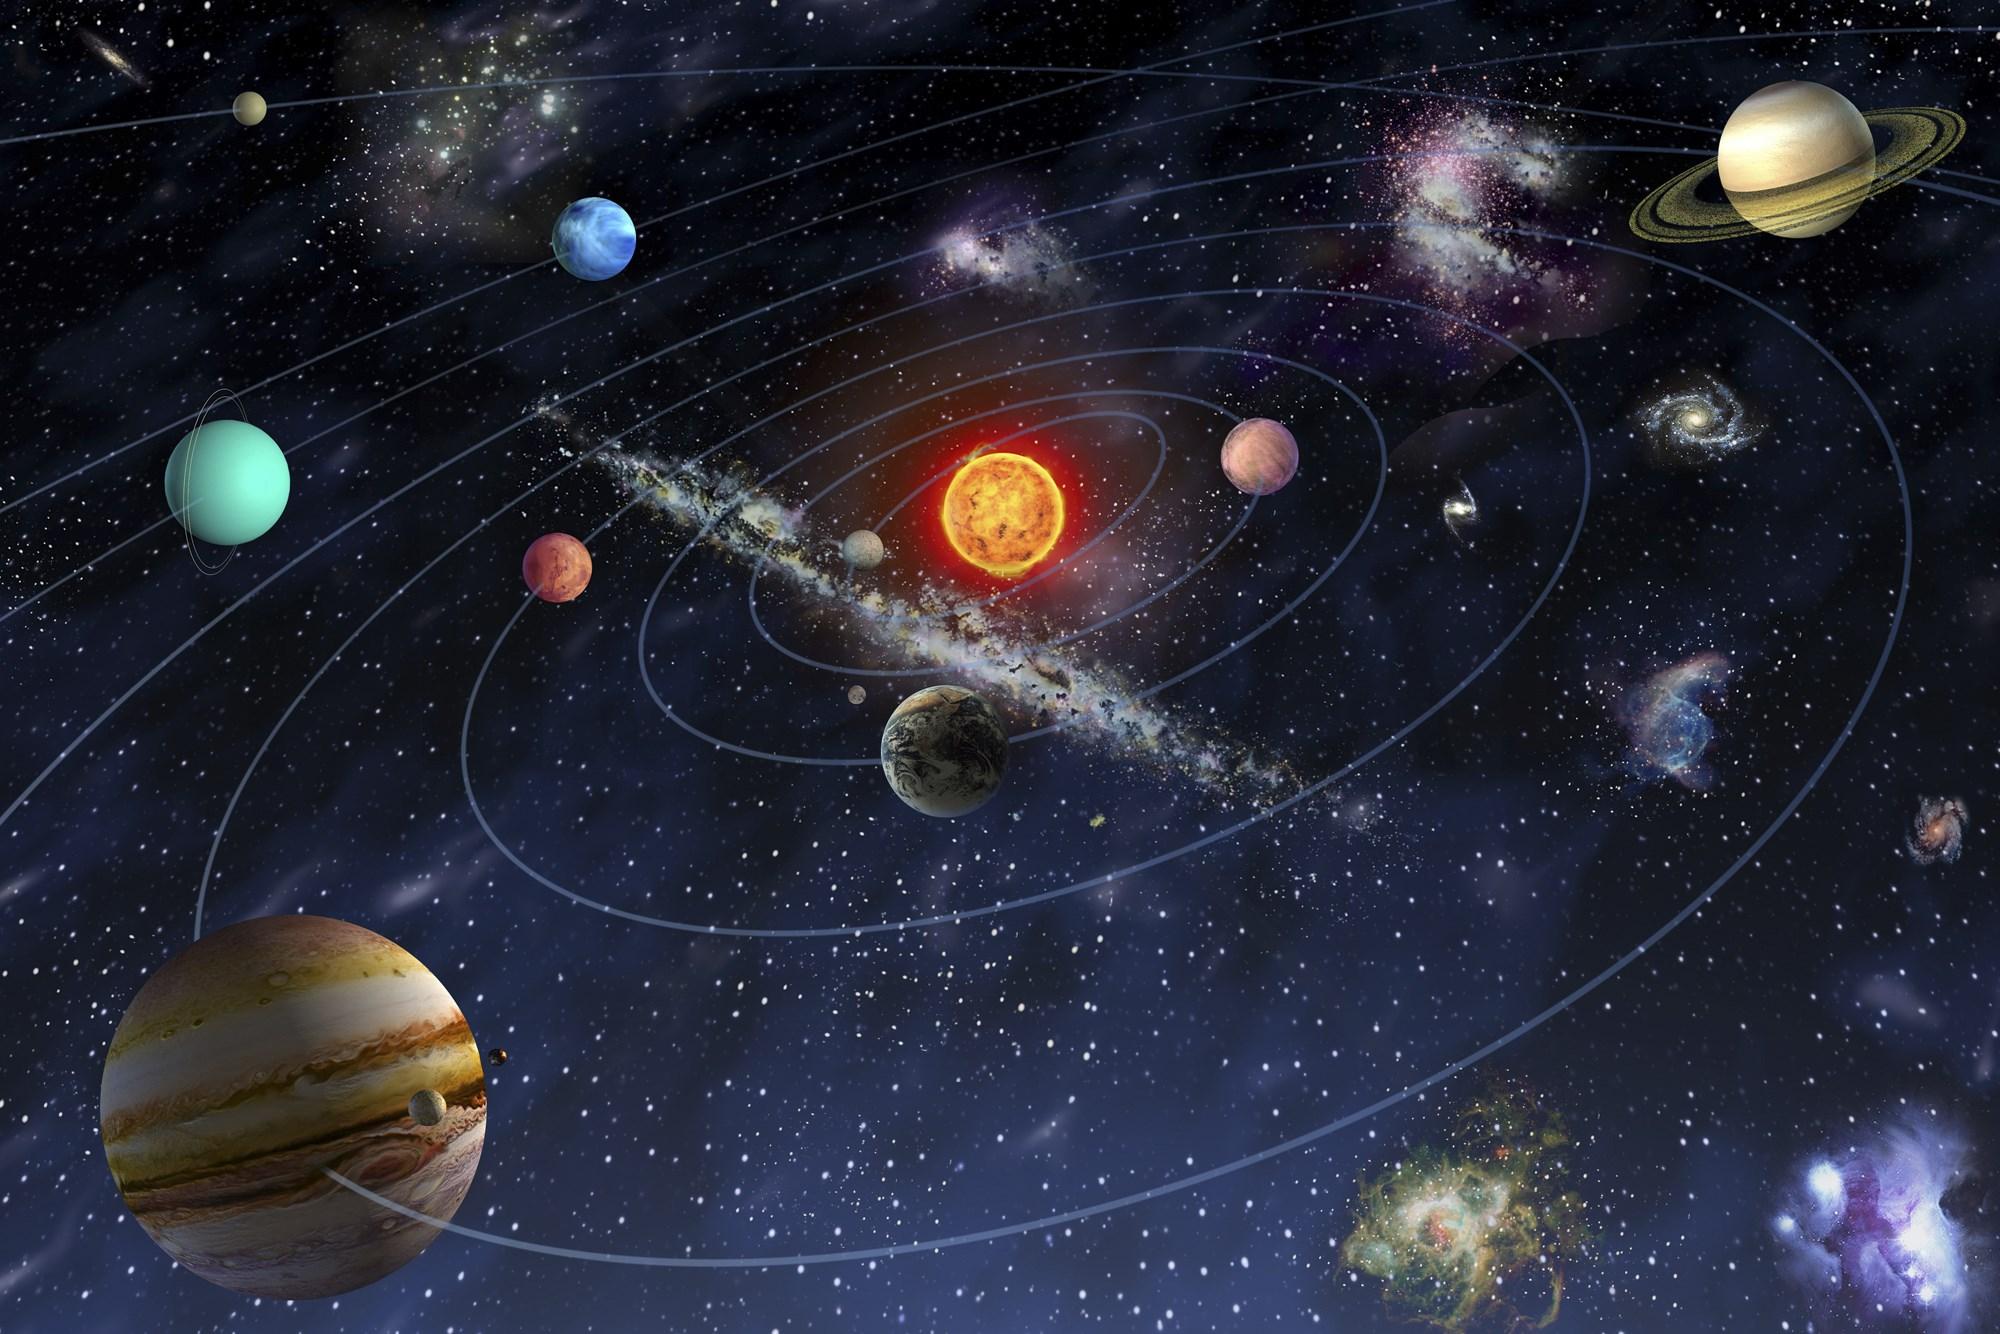 صورة صور المجموعة الشمسية , اجمل صور طبيعيه للمجموعه الشمسيه